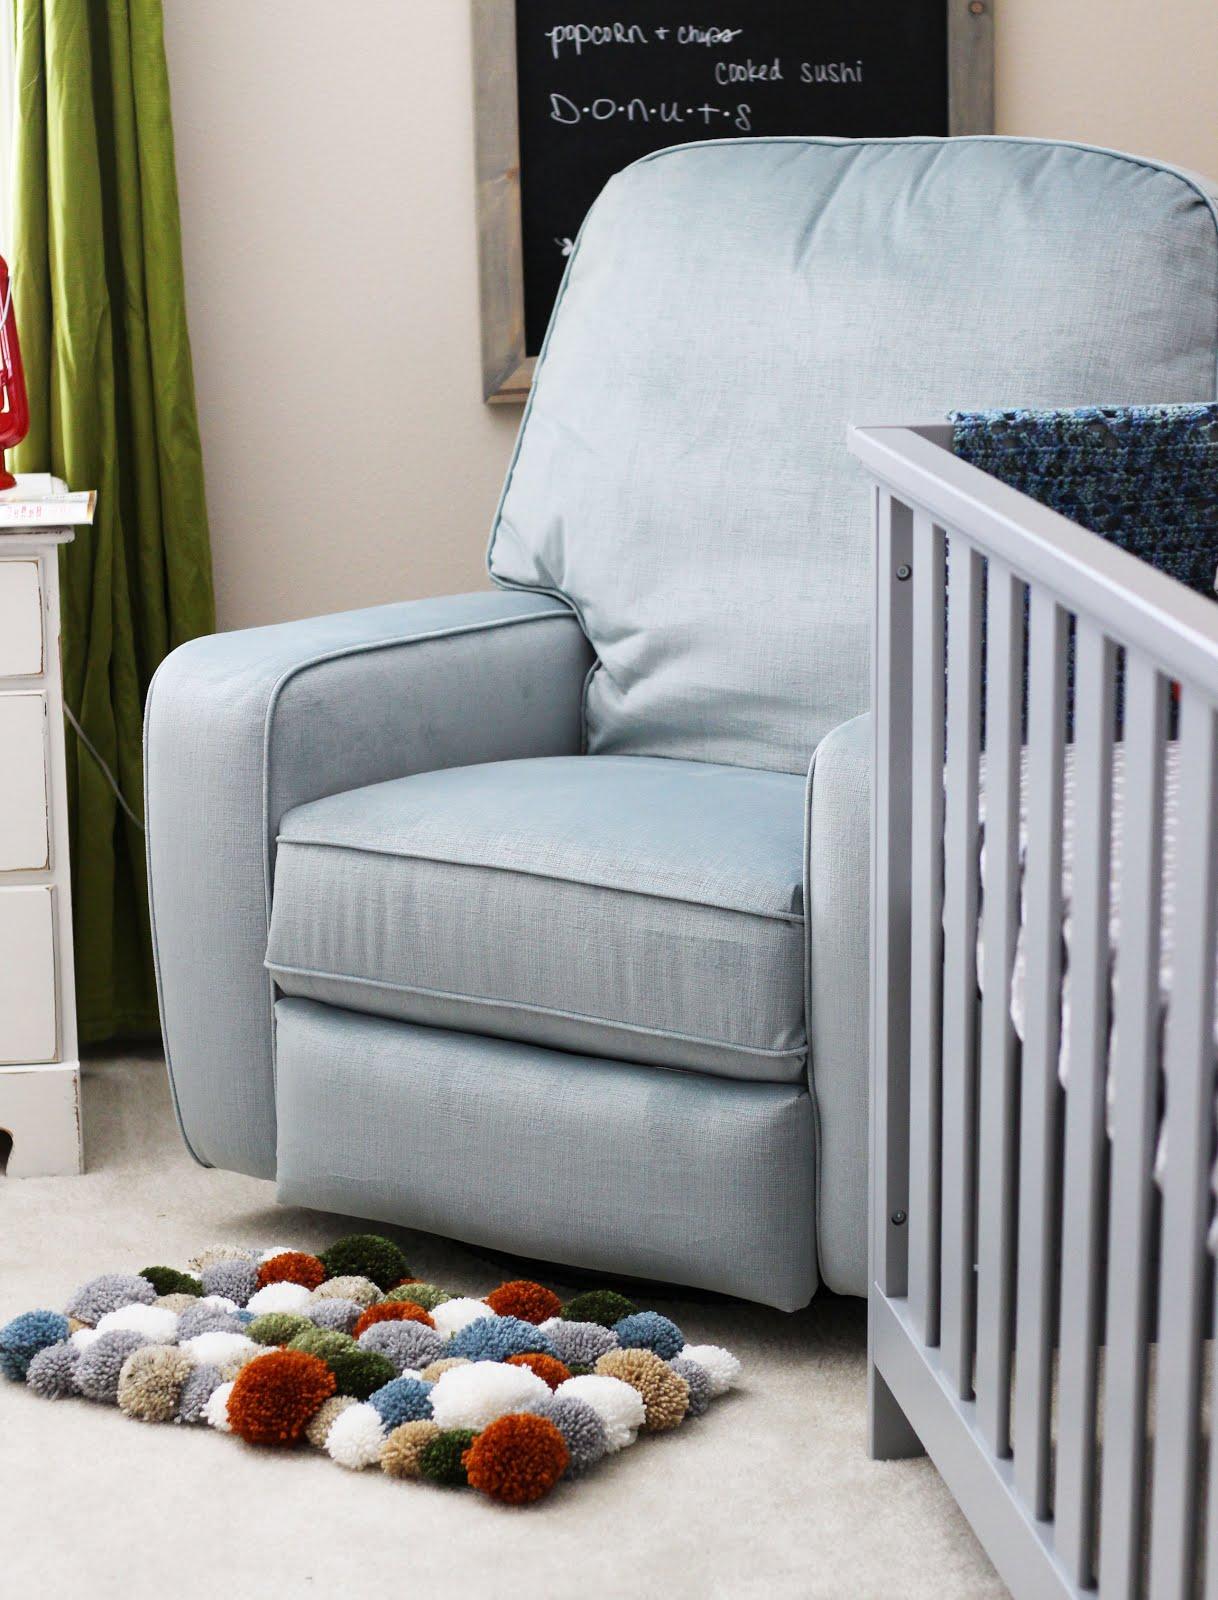 DIY Yarn Pom Pom Rug - Sewrella